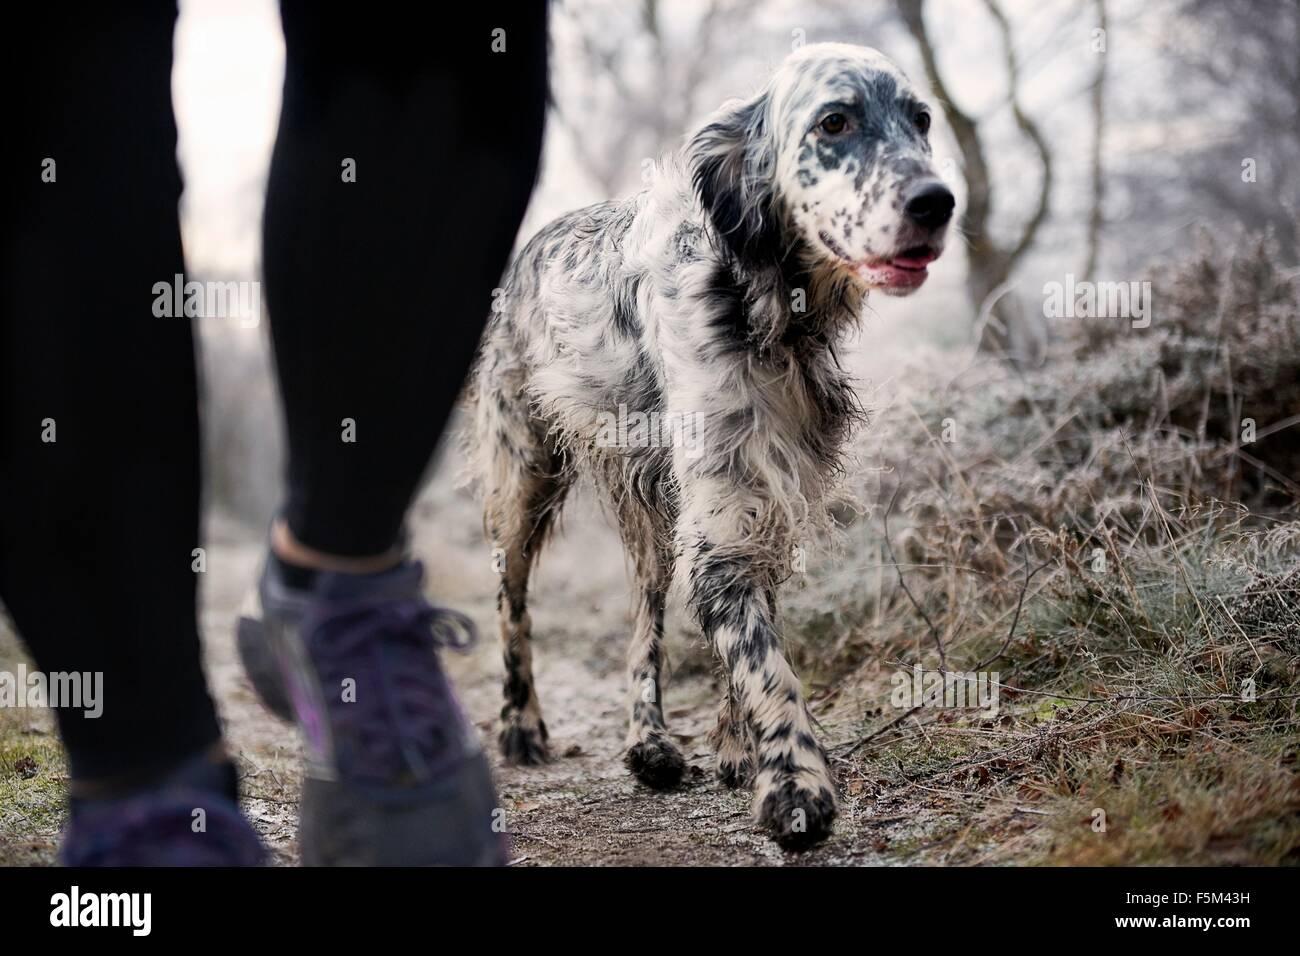 Les jambes de Mid adult woman walking dog sur chemin givré Photo Stock